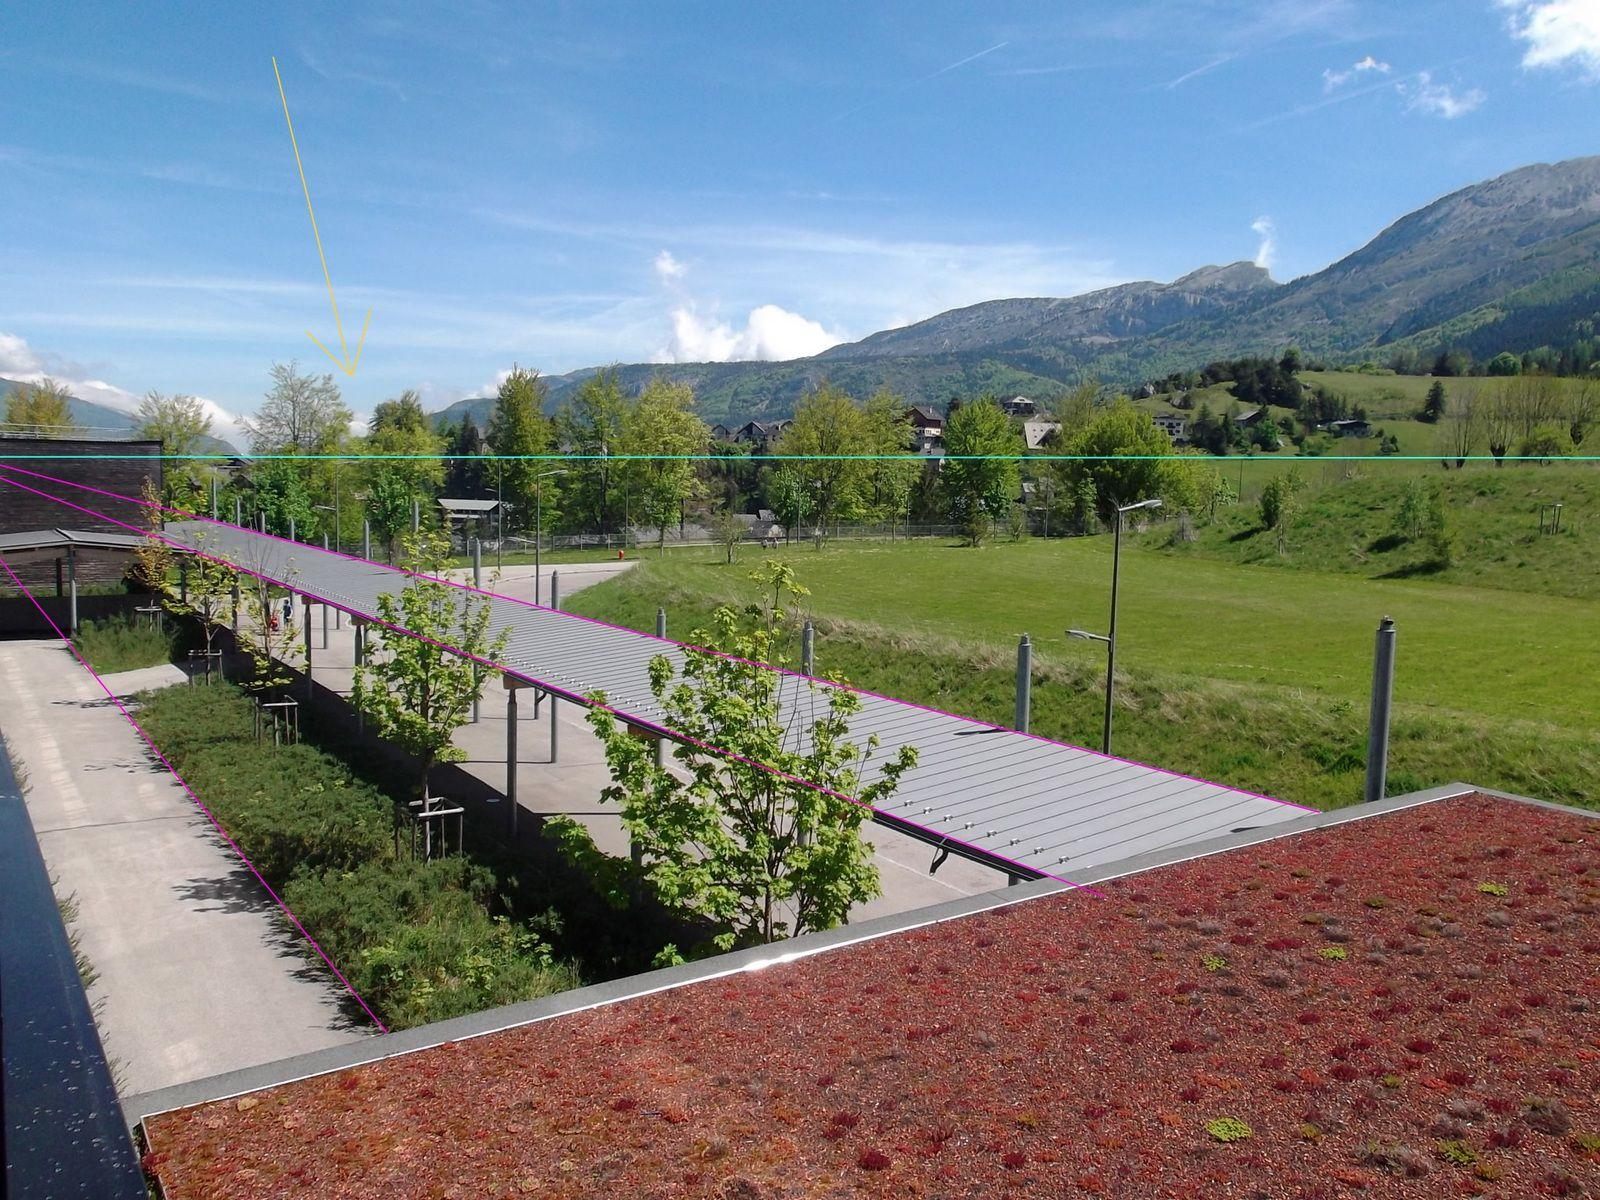 exemple avec la vue depuis la salle d'arts plastiques : en bleu la ligne d'horizon, en rose les lignes fuyantes qui se rejoignent au point de fuite (ici hors de l'image).